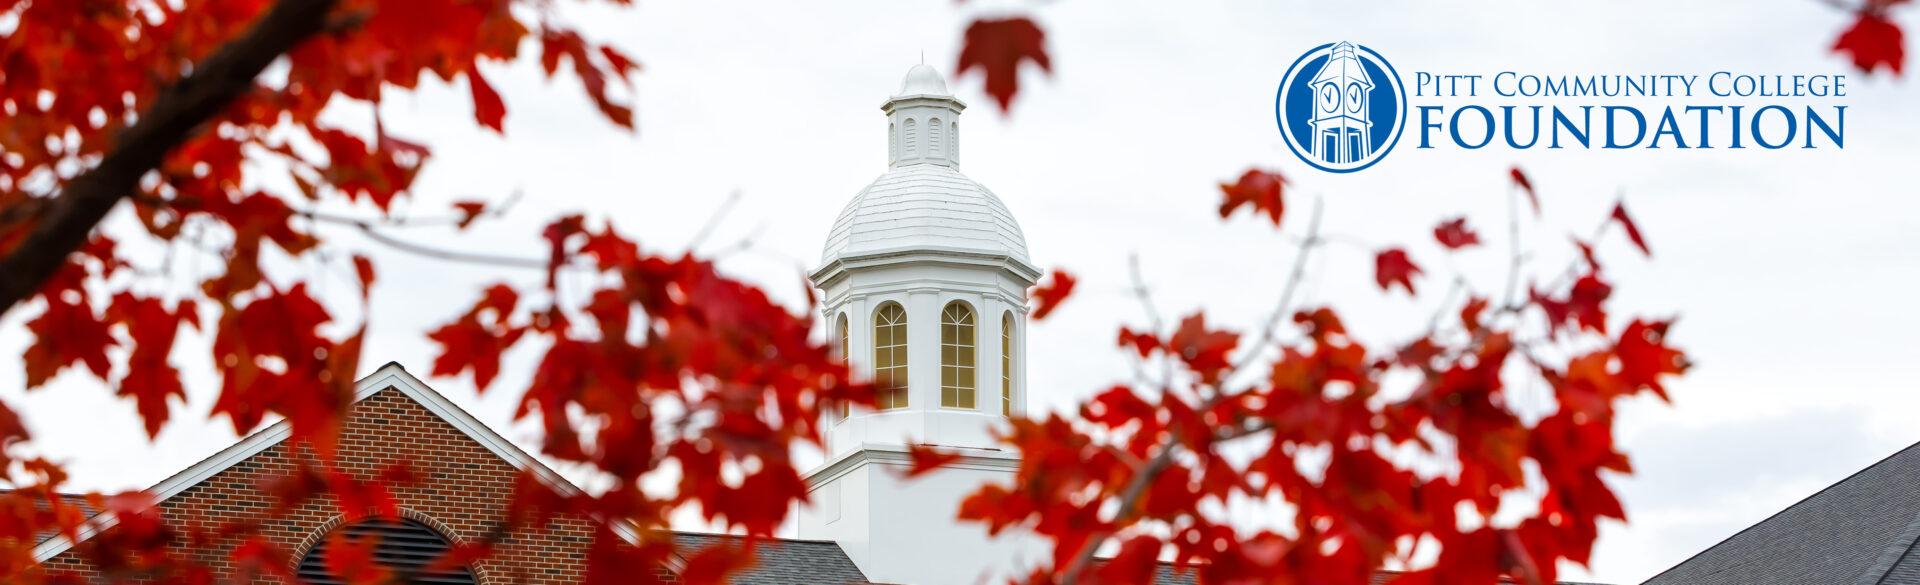 Warren Cupola framed by orange fall leaves.